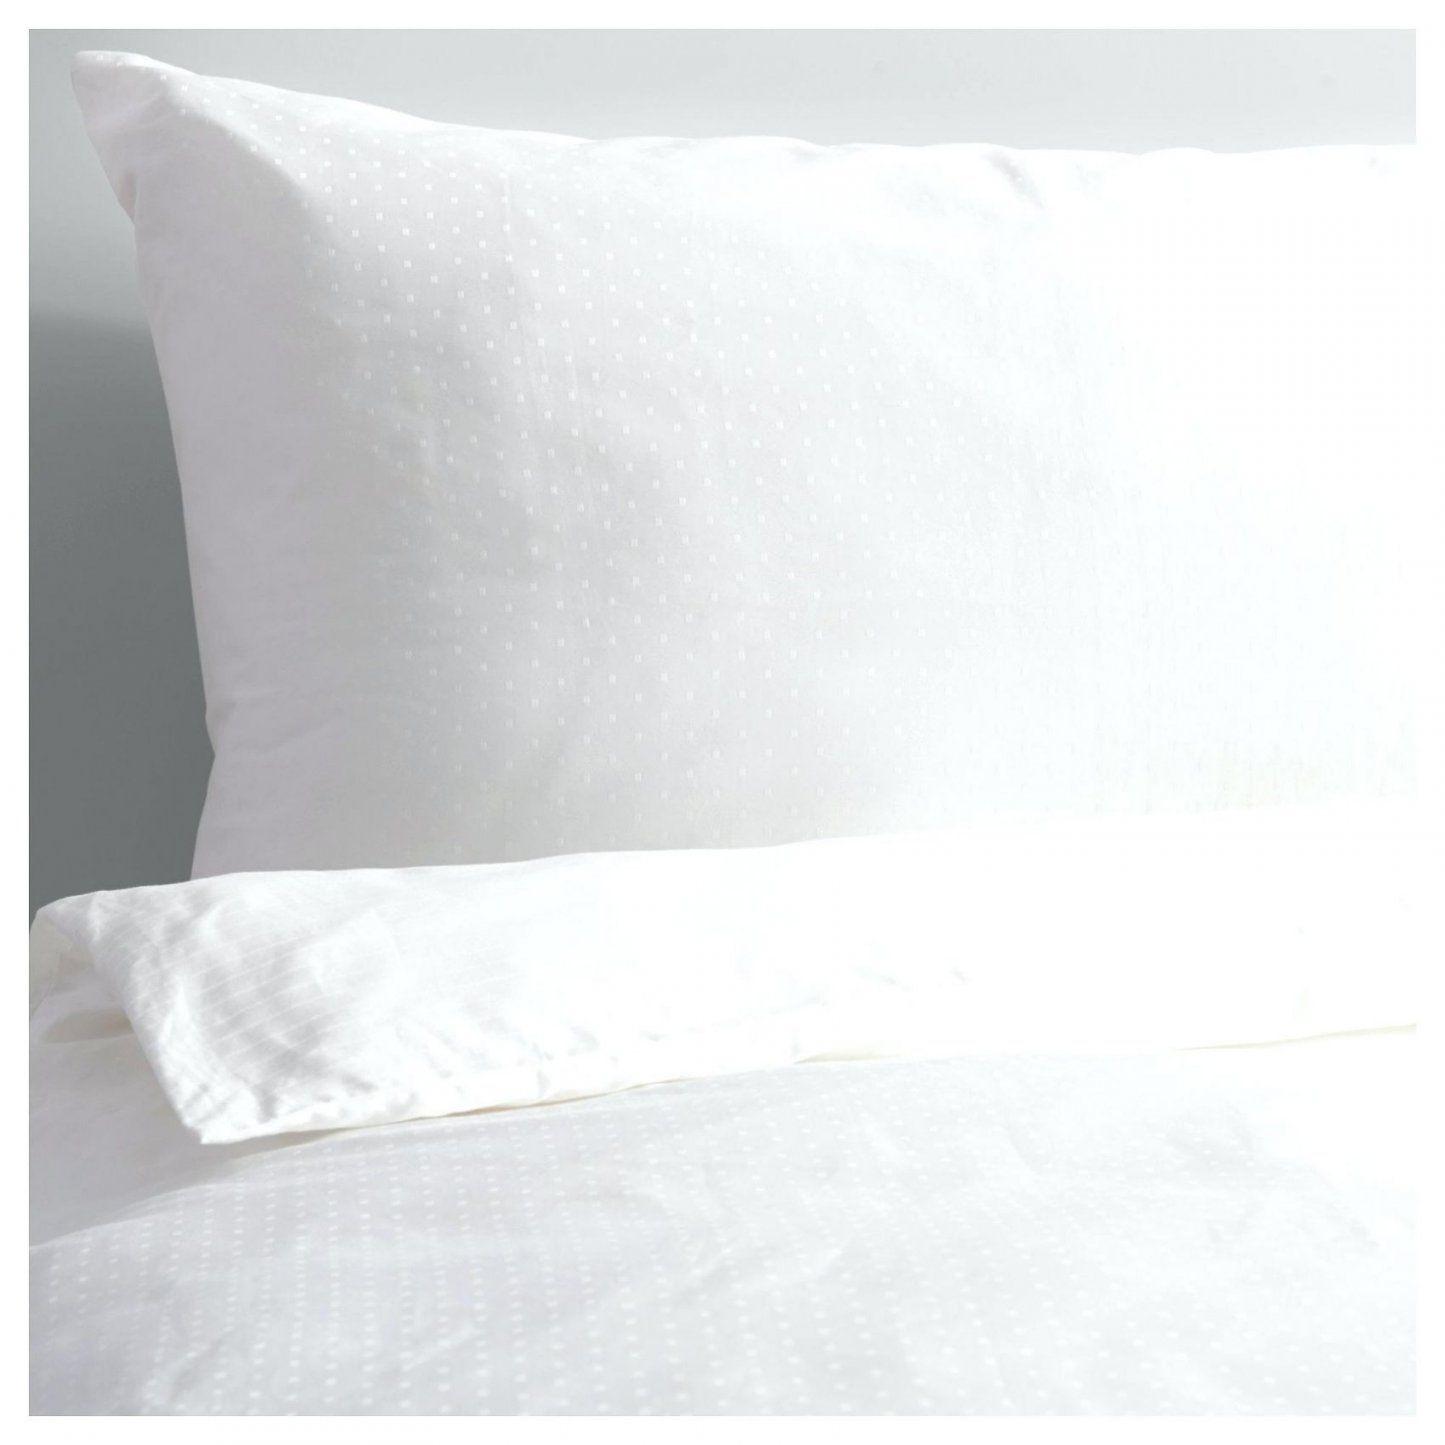 Großzügig Bettwäsche Weiß Ikea Zeitgenössisch  Hauptinnenideen von Bettwäsche 200X200 Ikea Bild